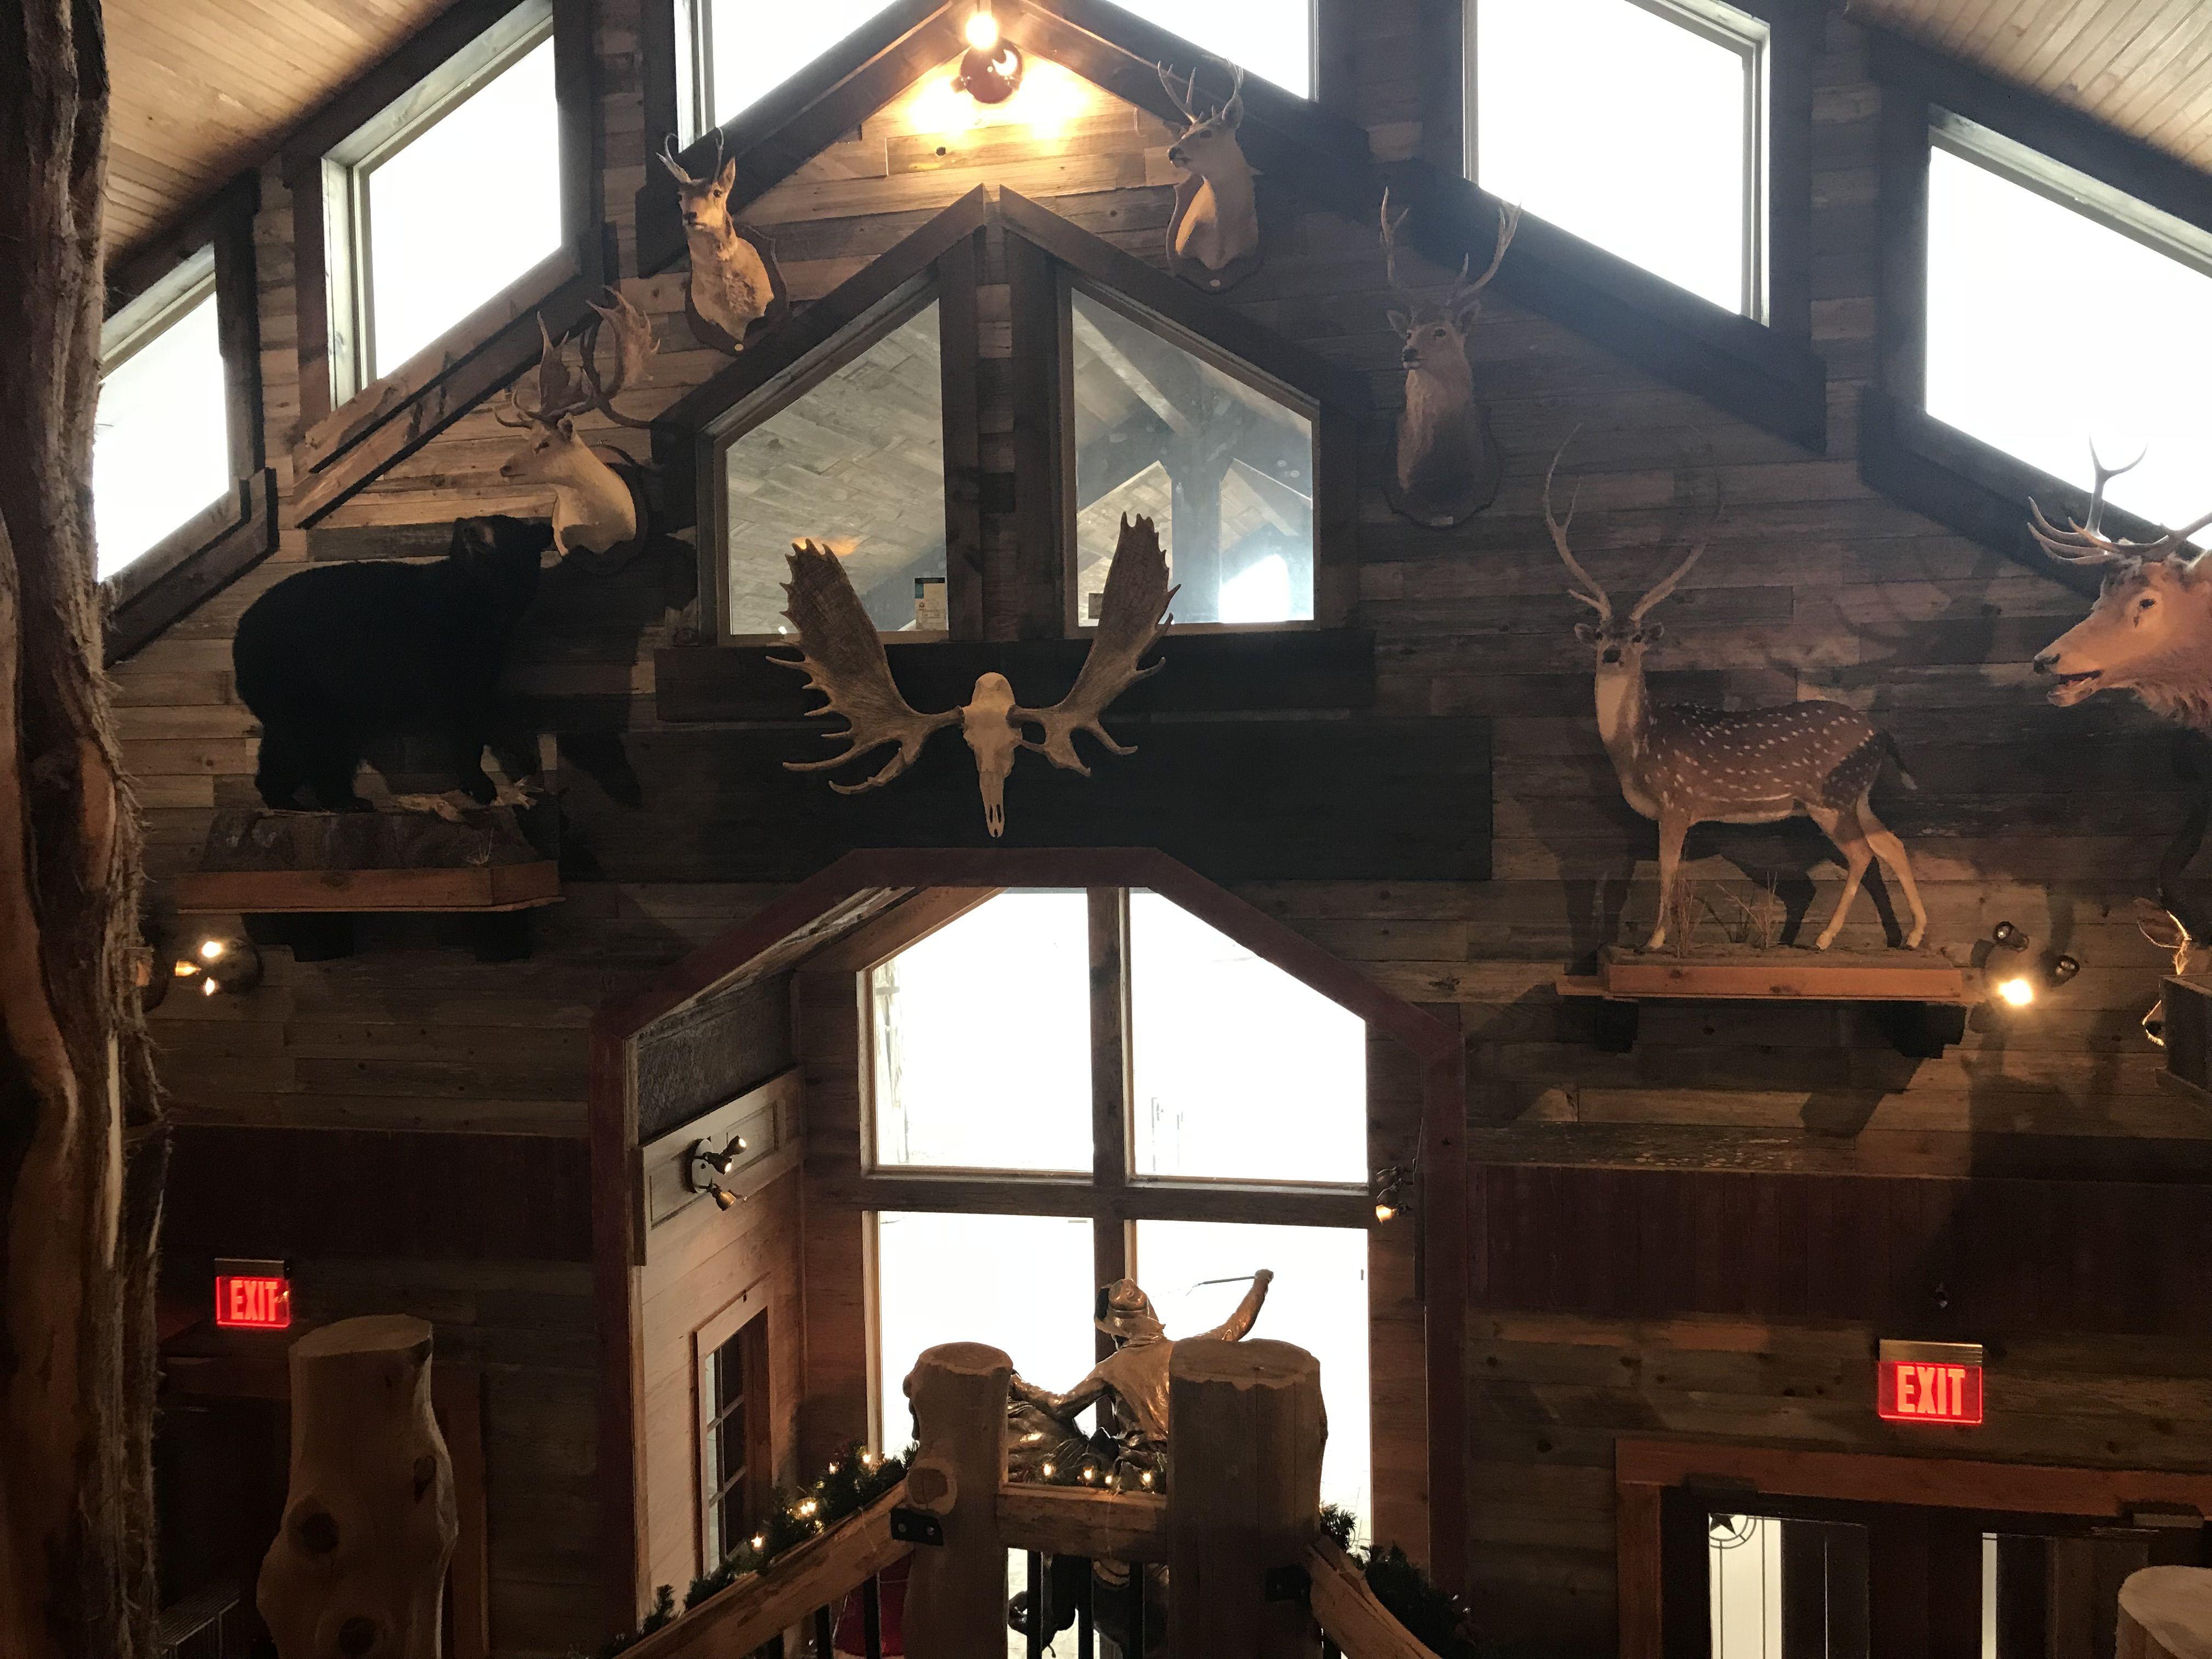 Pin by Antler Oaks Lodge on Fun at Antler Oaks Tower